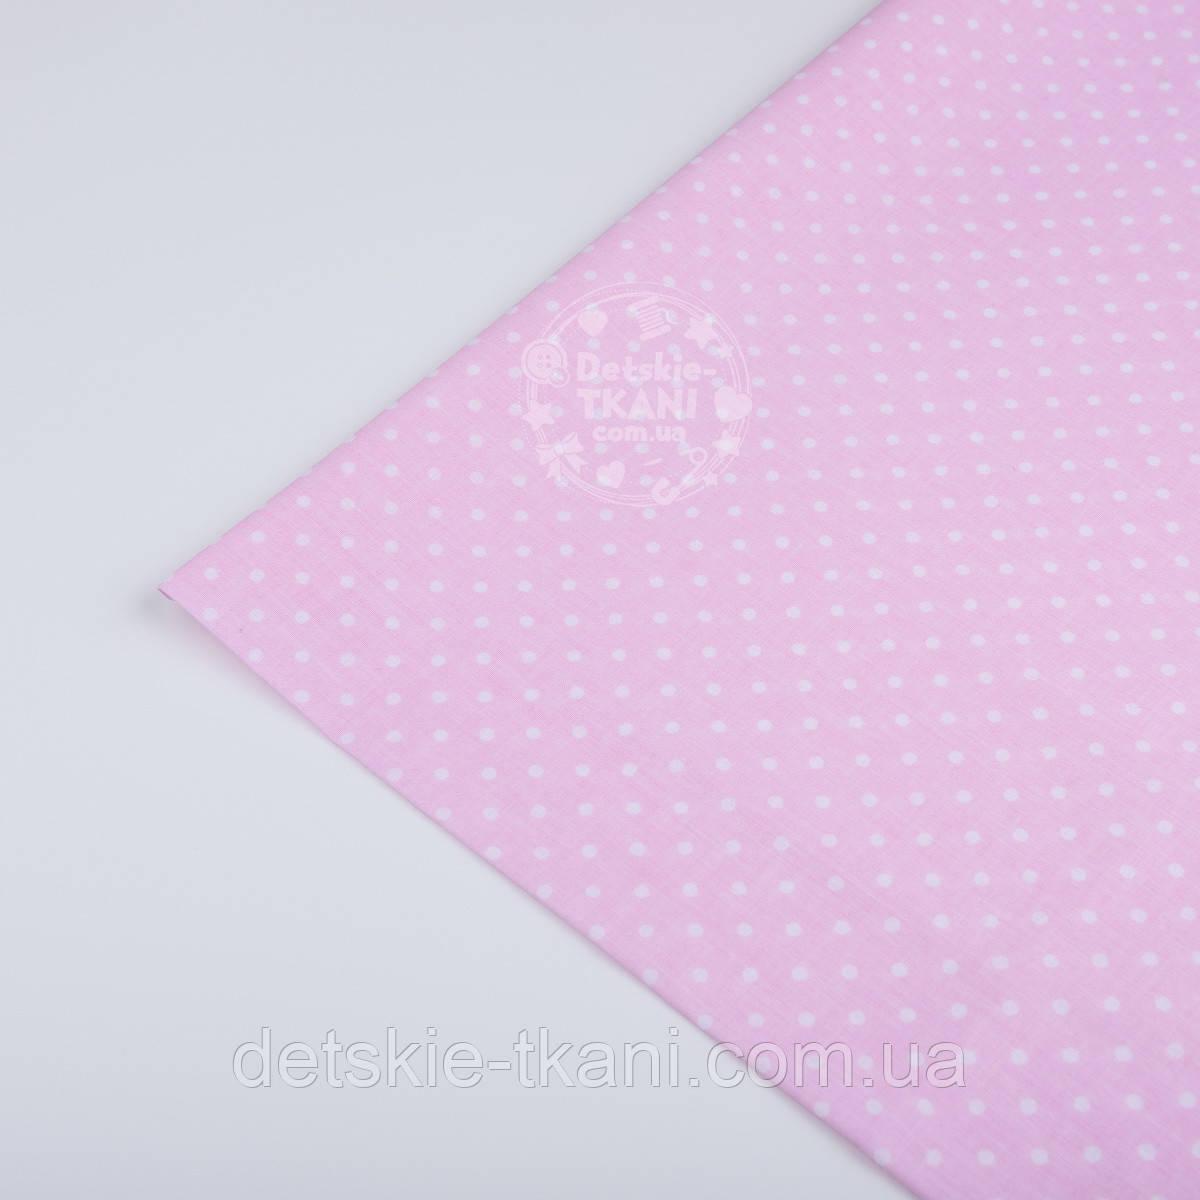 Лоскут ткани №69а  с белым горошком 3 мм на светло-розовом фоне, размер 40*80 см